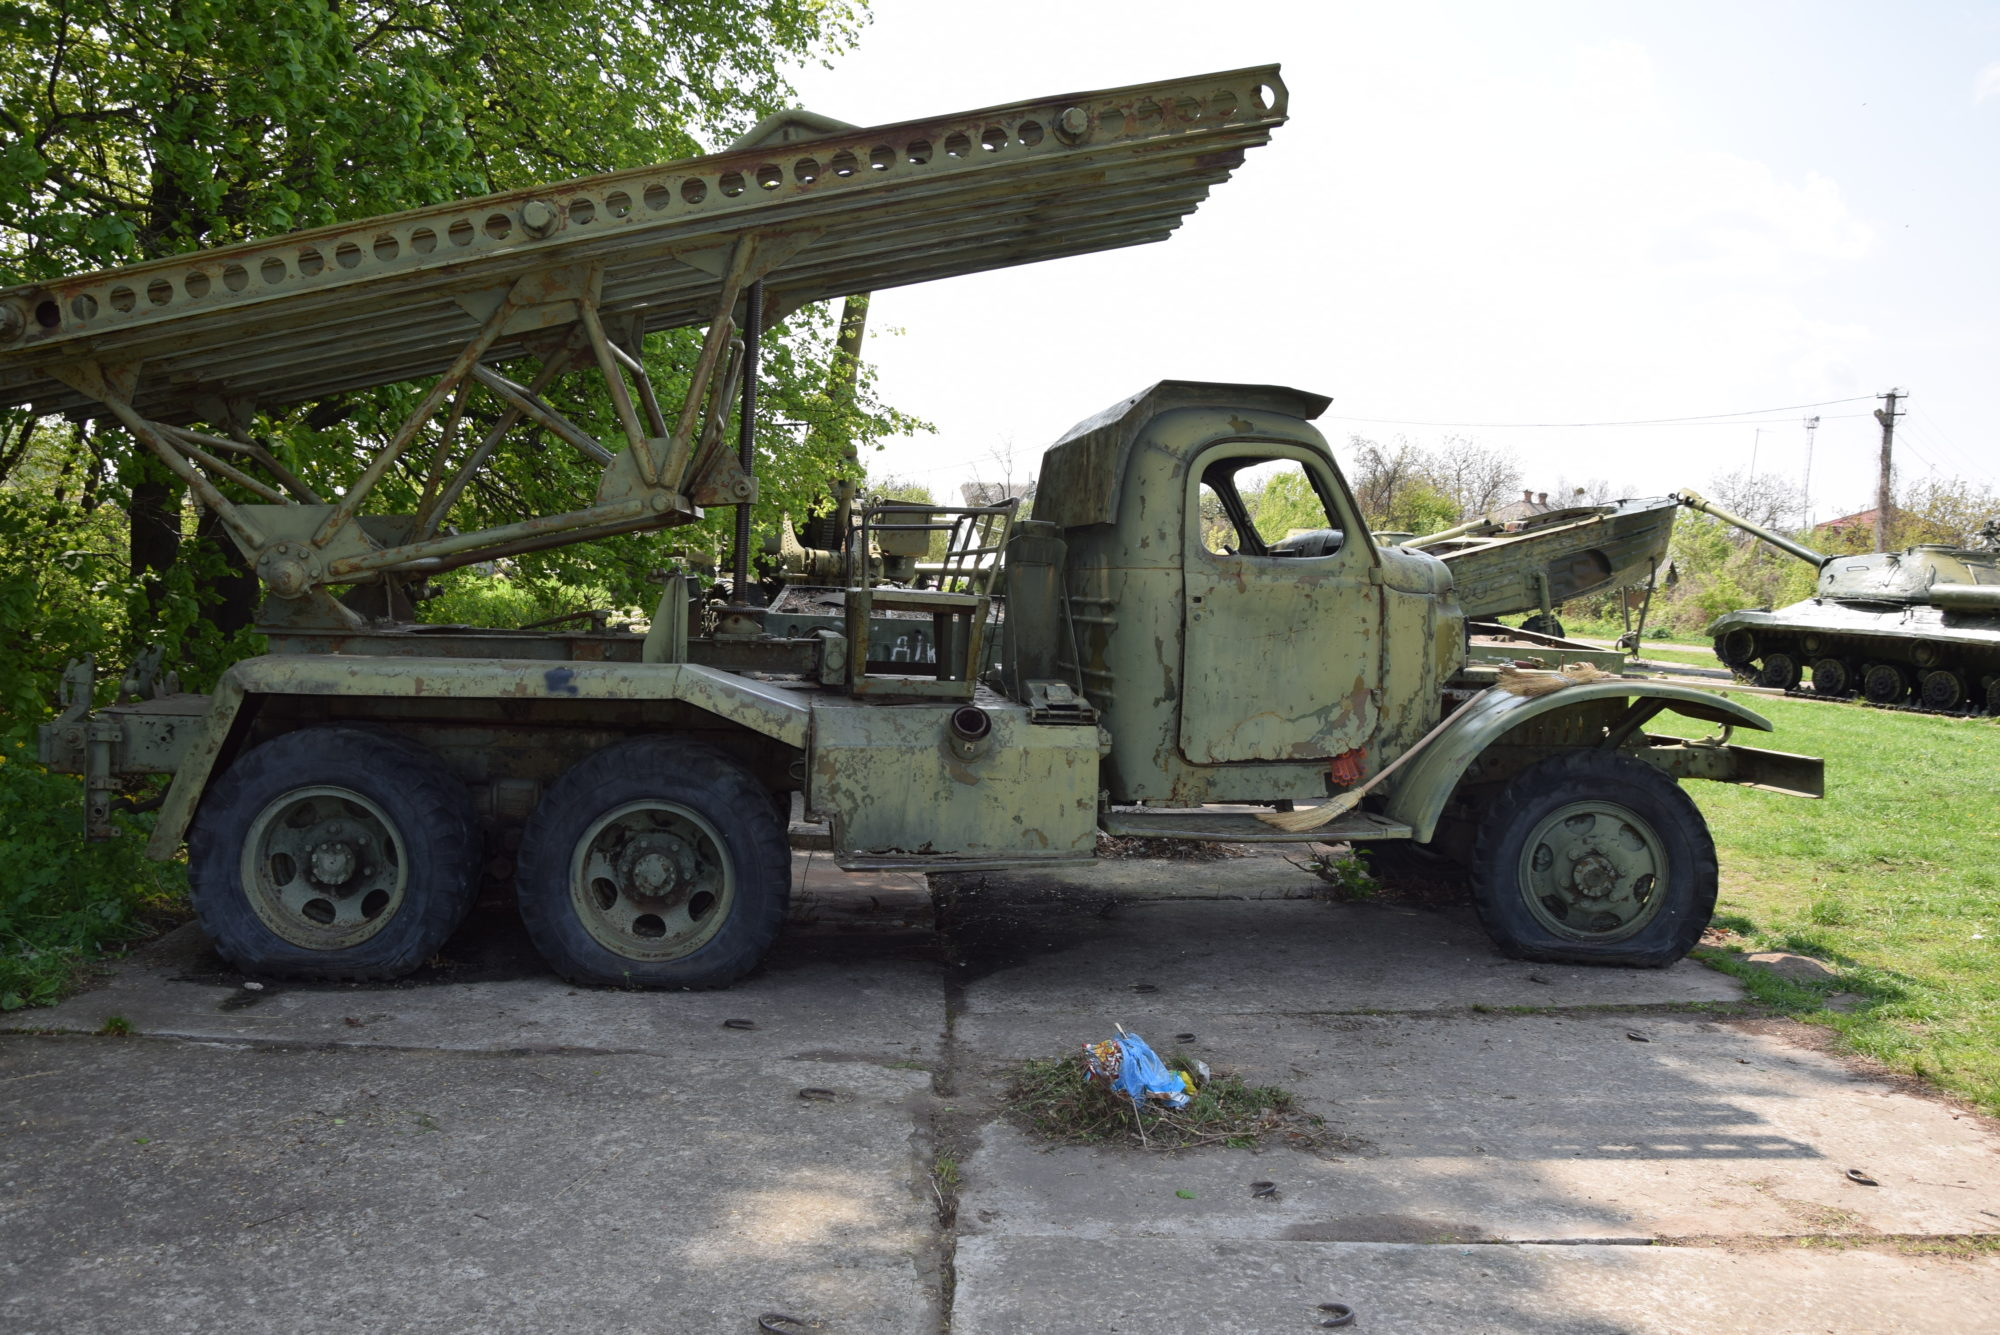 У Переяславі фарбують зброю -  - DSC 0027 2000x1335